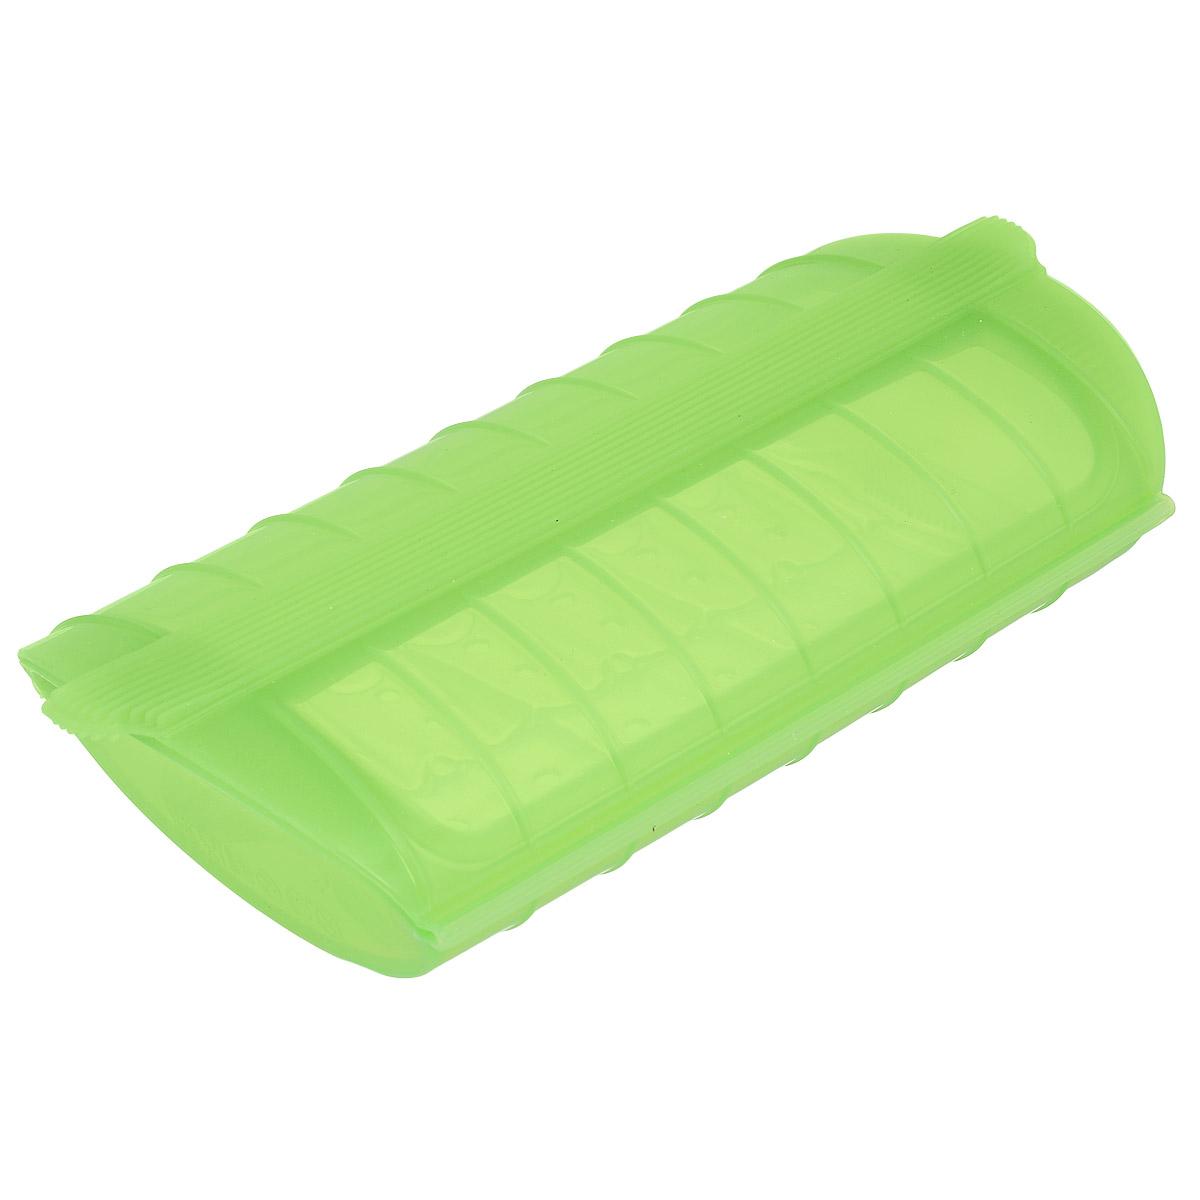 Конверт для запекания Lekue, силиконовый, цвет: салатовый3404600V09U004Конверт для запекания Lekue изготовлен из высококачественного пищевого силикона, который выдерживает температуру от -60°С до +220°С. Благодаря особым свойствам силикона, продукты остаются такими же сочными, не пригорают и равномерно пропекаются. Конверт делает оптимальным приготовление пищевых продуктов, делая более интенсивным вкус каждого из них и сохраняя все содержащиеся в них питательные вещества. Для конверта предусмотрен съемный внутренний поддон-решетка, который позволит стечь лишнему жиру и соку во время размораживания, хранения и приготовления. Приготовление пищи можно производить с поддоном или без него, в зависимости от желаемого результата. Конверт закрывается, поэтому жир не разбрызгивается по стенкам духовки. Приготовленное блюдо легко вынимается из конверта и позволяет приготовить одновременно до четырех порций. Идеально подходит для приготовления мяса, курицы или рыбы. В дополнение к основным достоинствам конверта для запекания с поддоном - он...